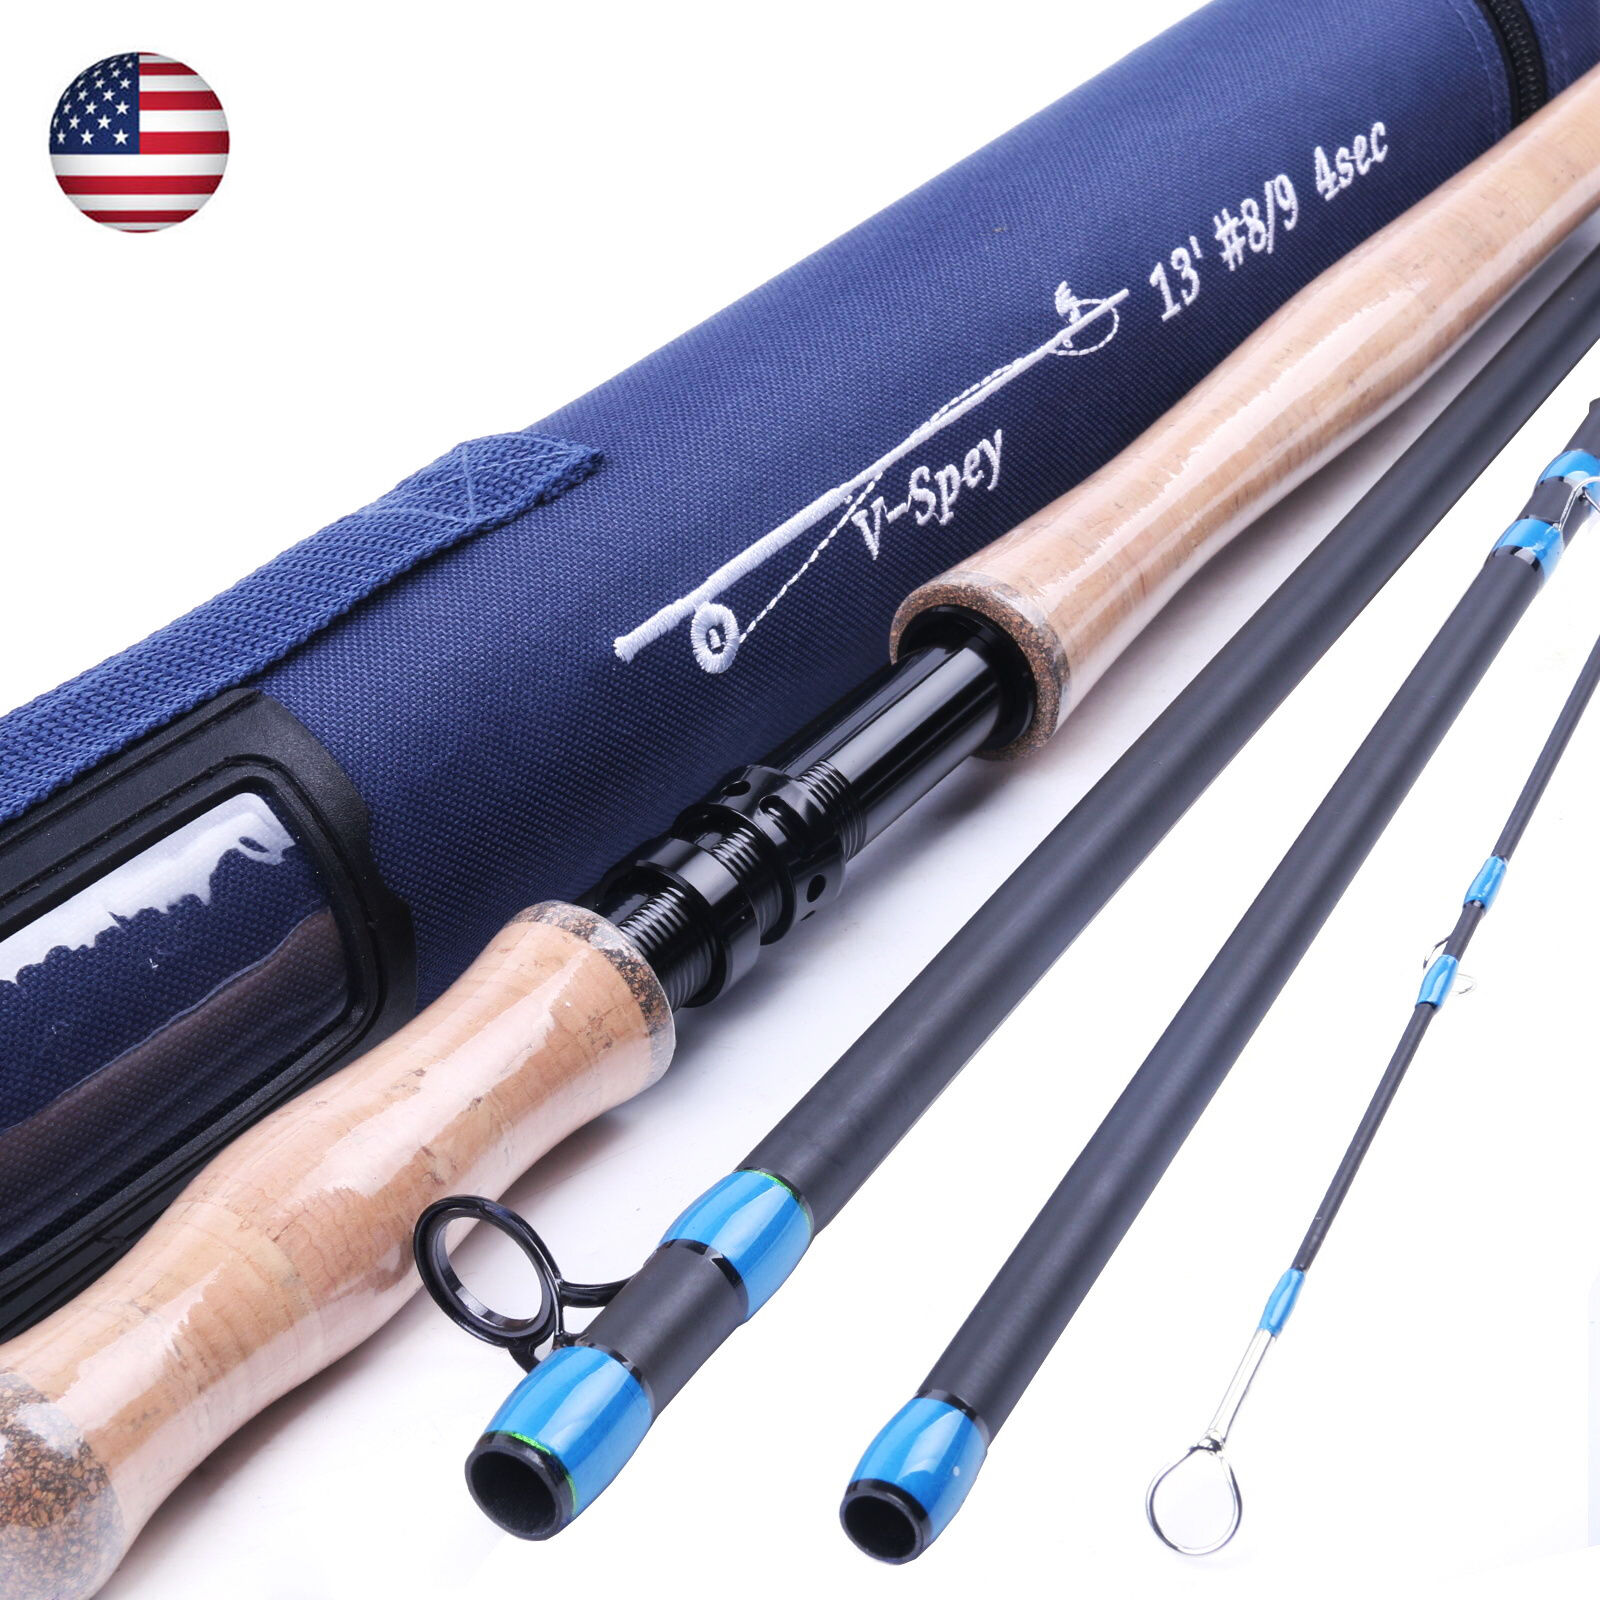 Spey Fliegen Fishing Rod  9WT 13FT 4SEC Spey Medium-Fast Fliegen Fishing Rod &Rod Case